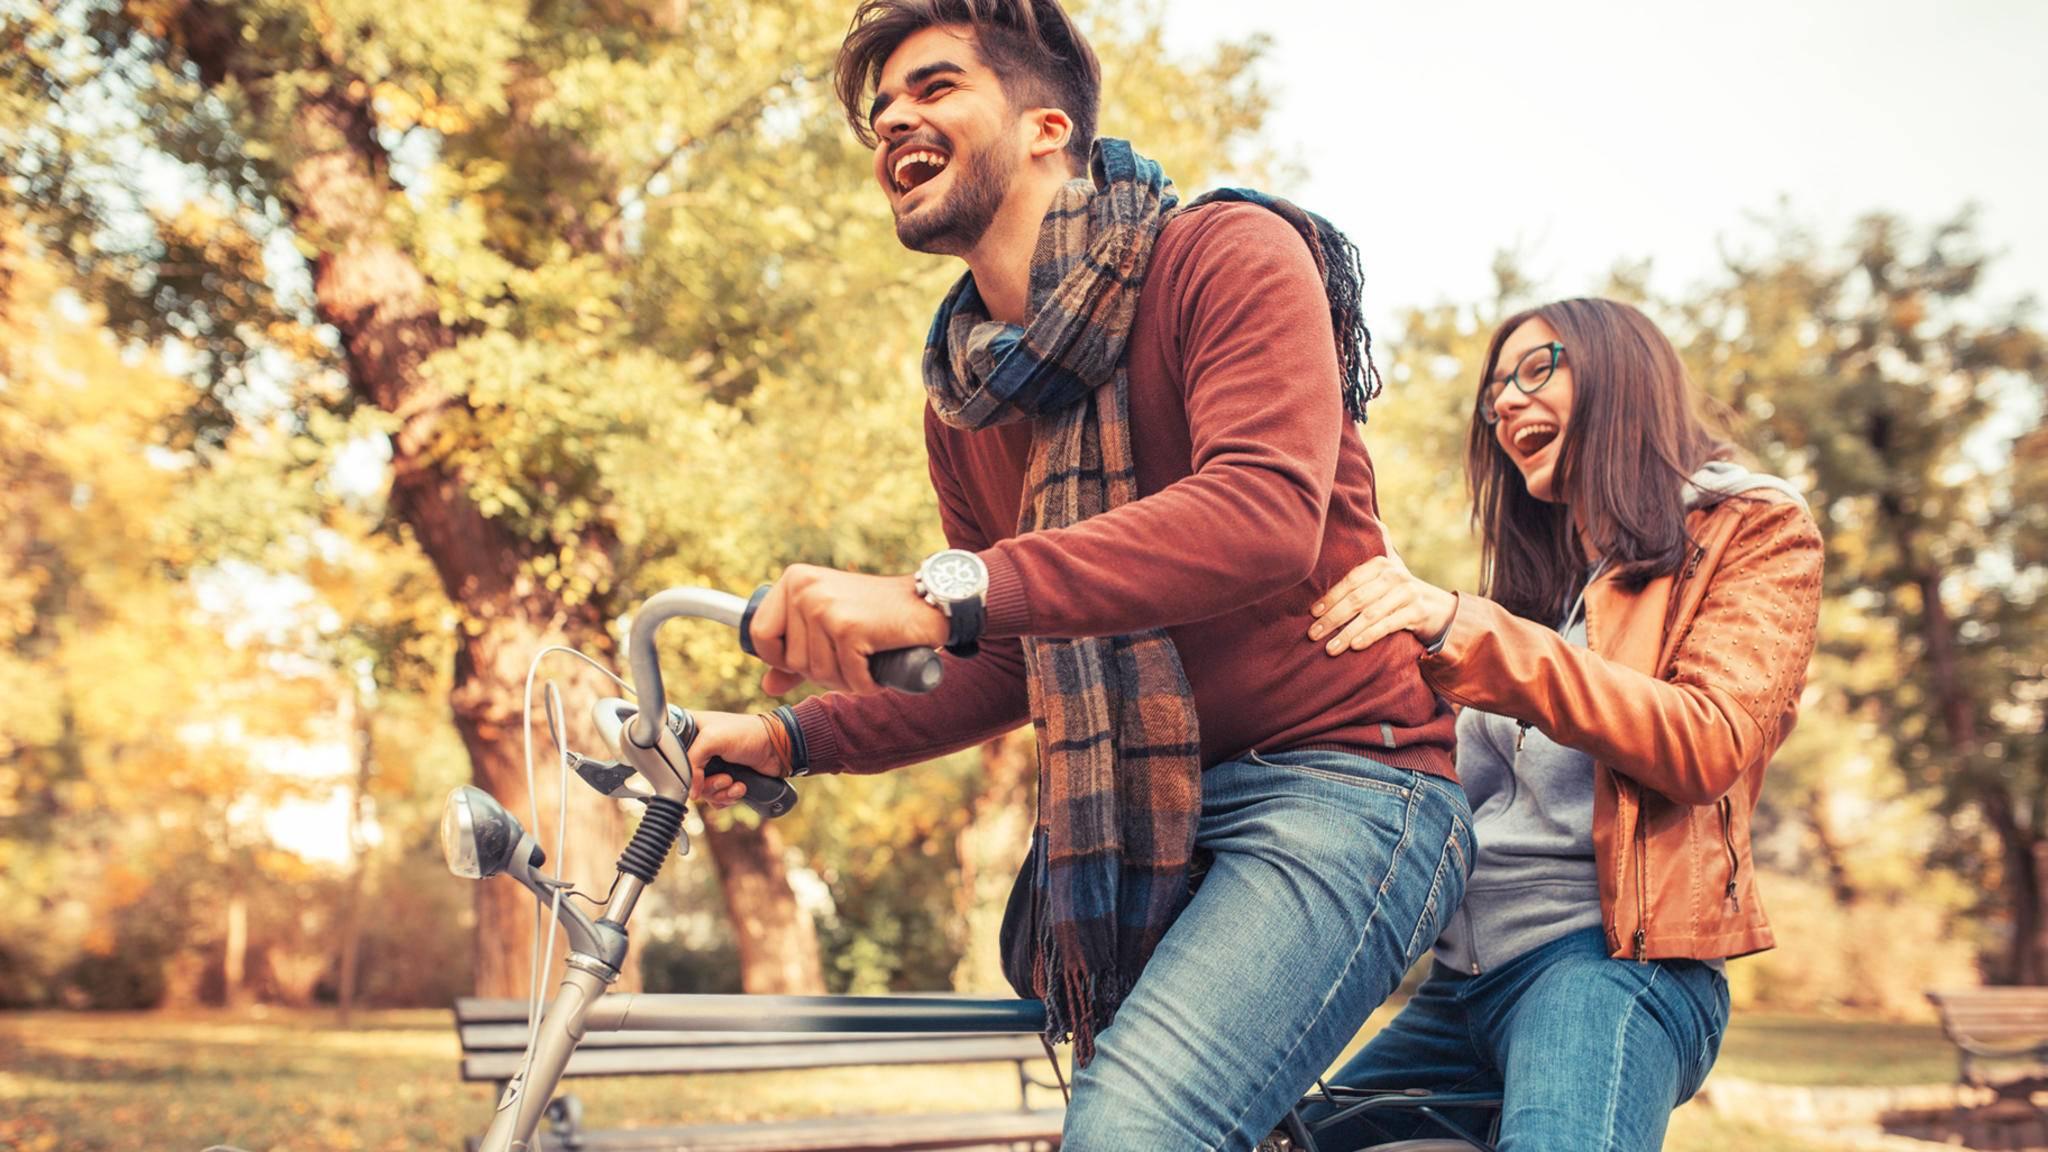 Mehr Spaß auf der Radtour versprechen coole Fahrrad-Gadgets.